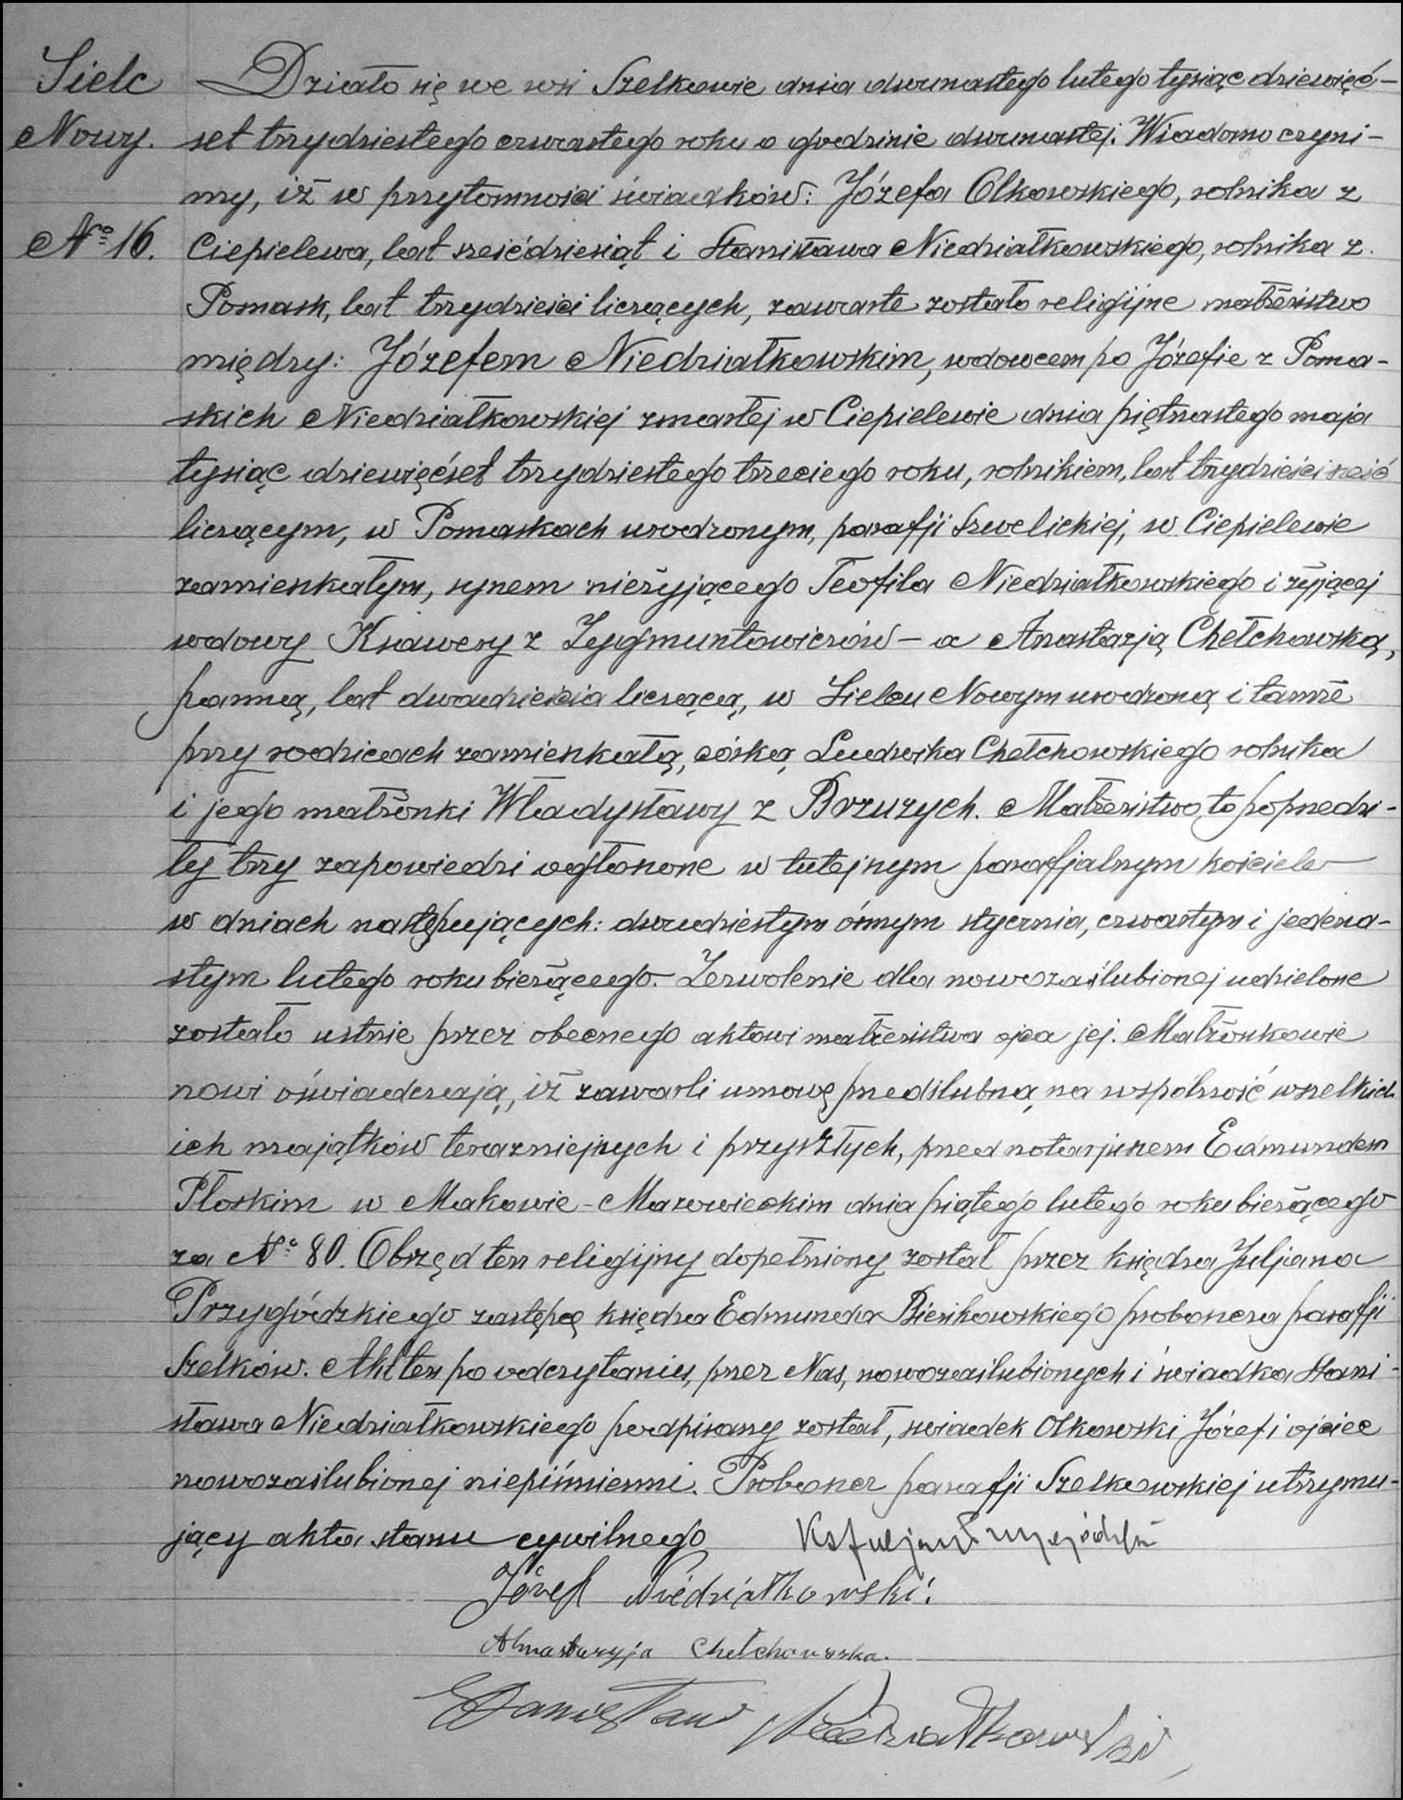 Marriage Record for Józef Niedziałkowski and Anastazja Chełchowska - 1934